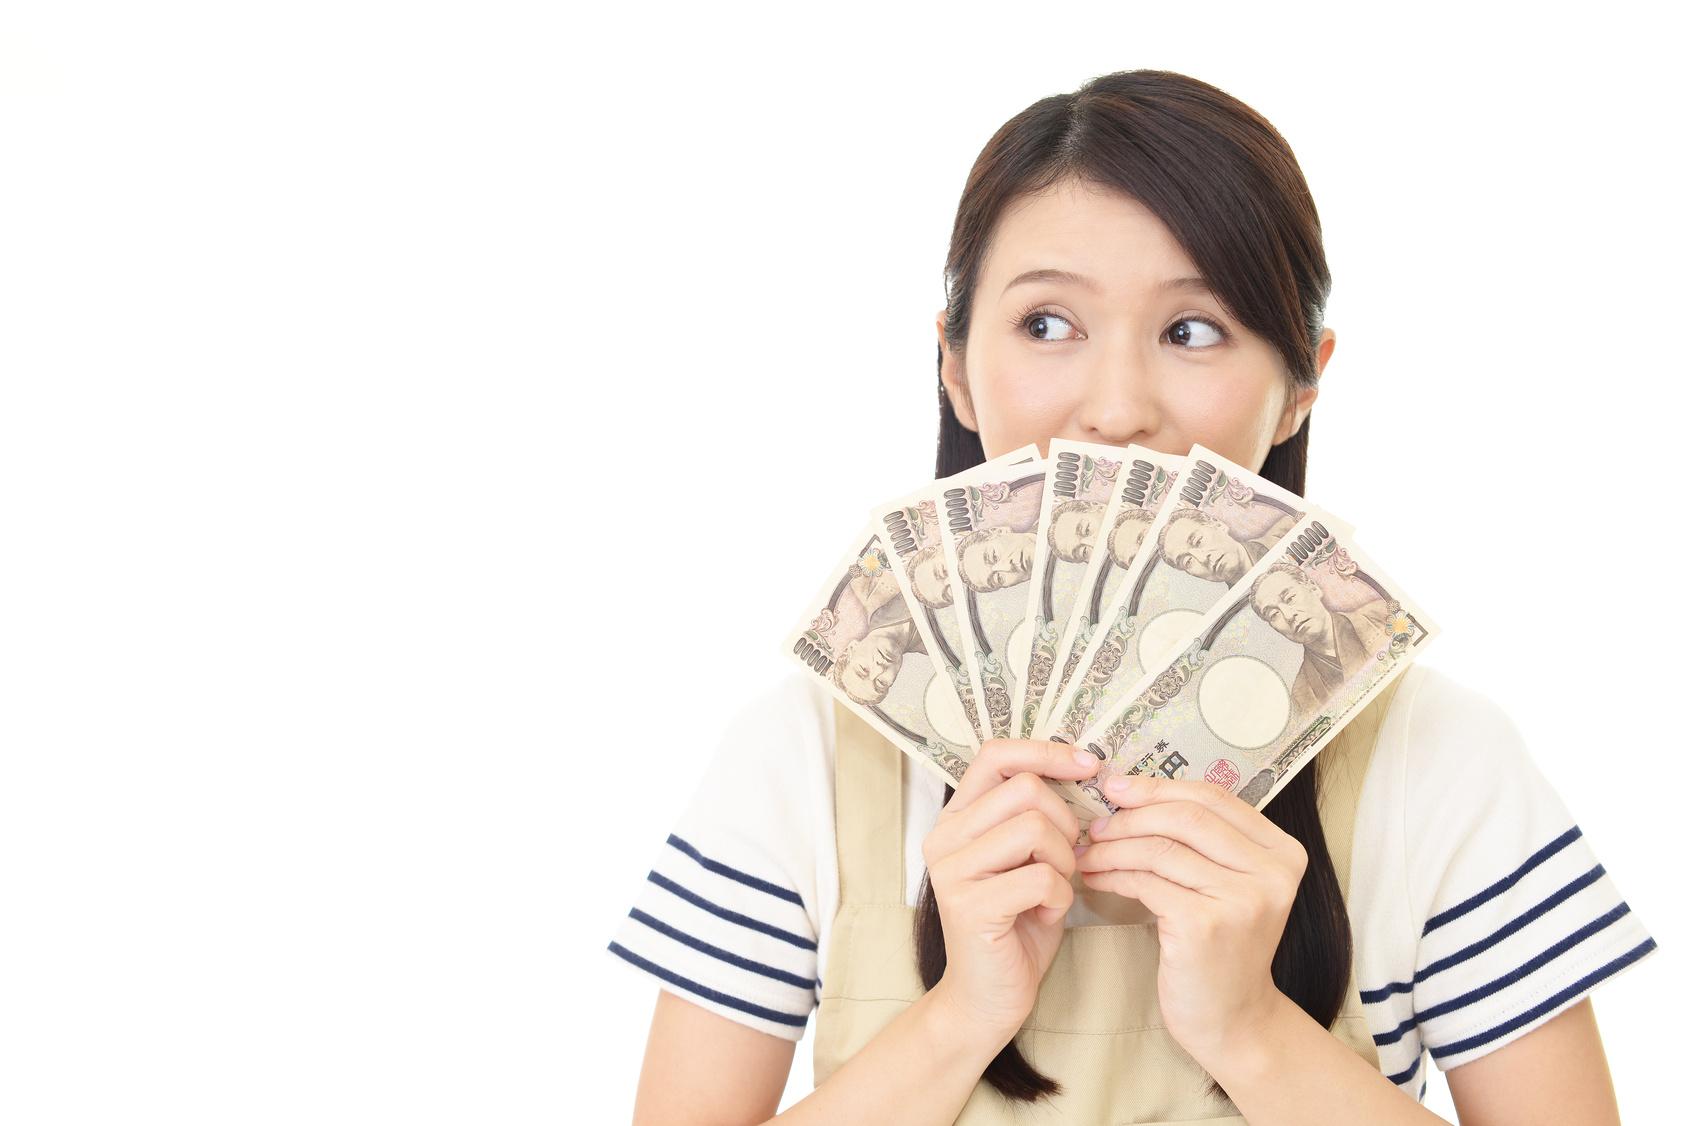 金・Instant money